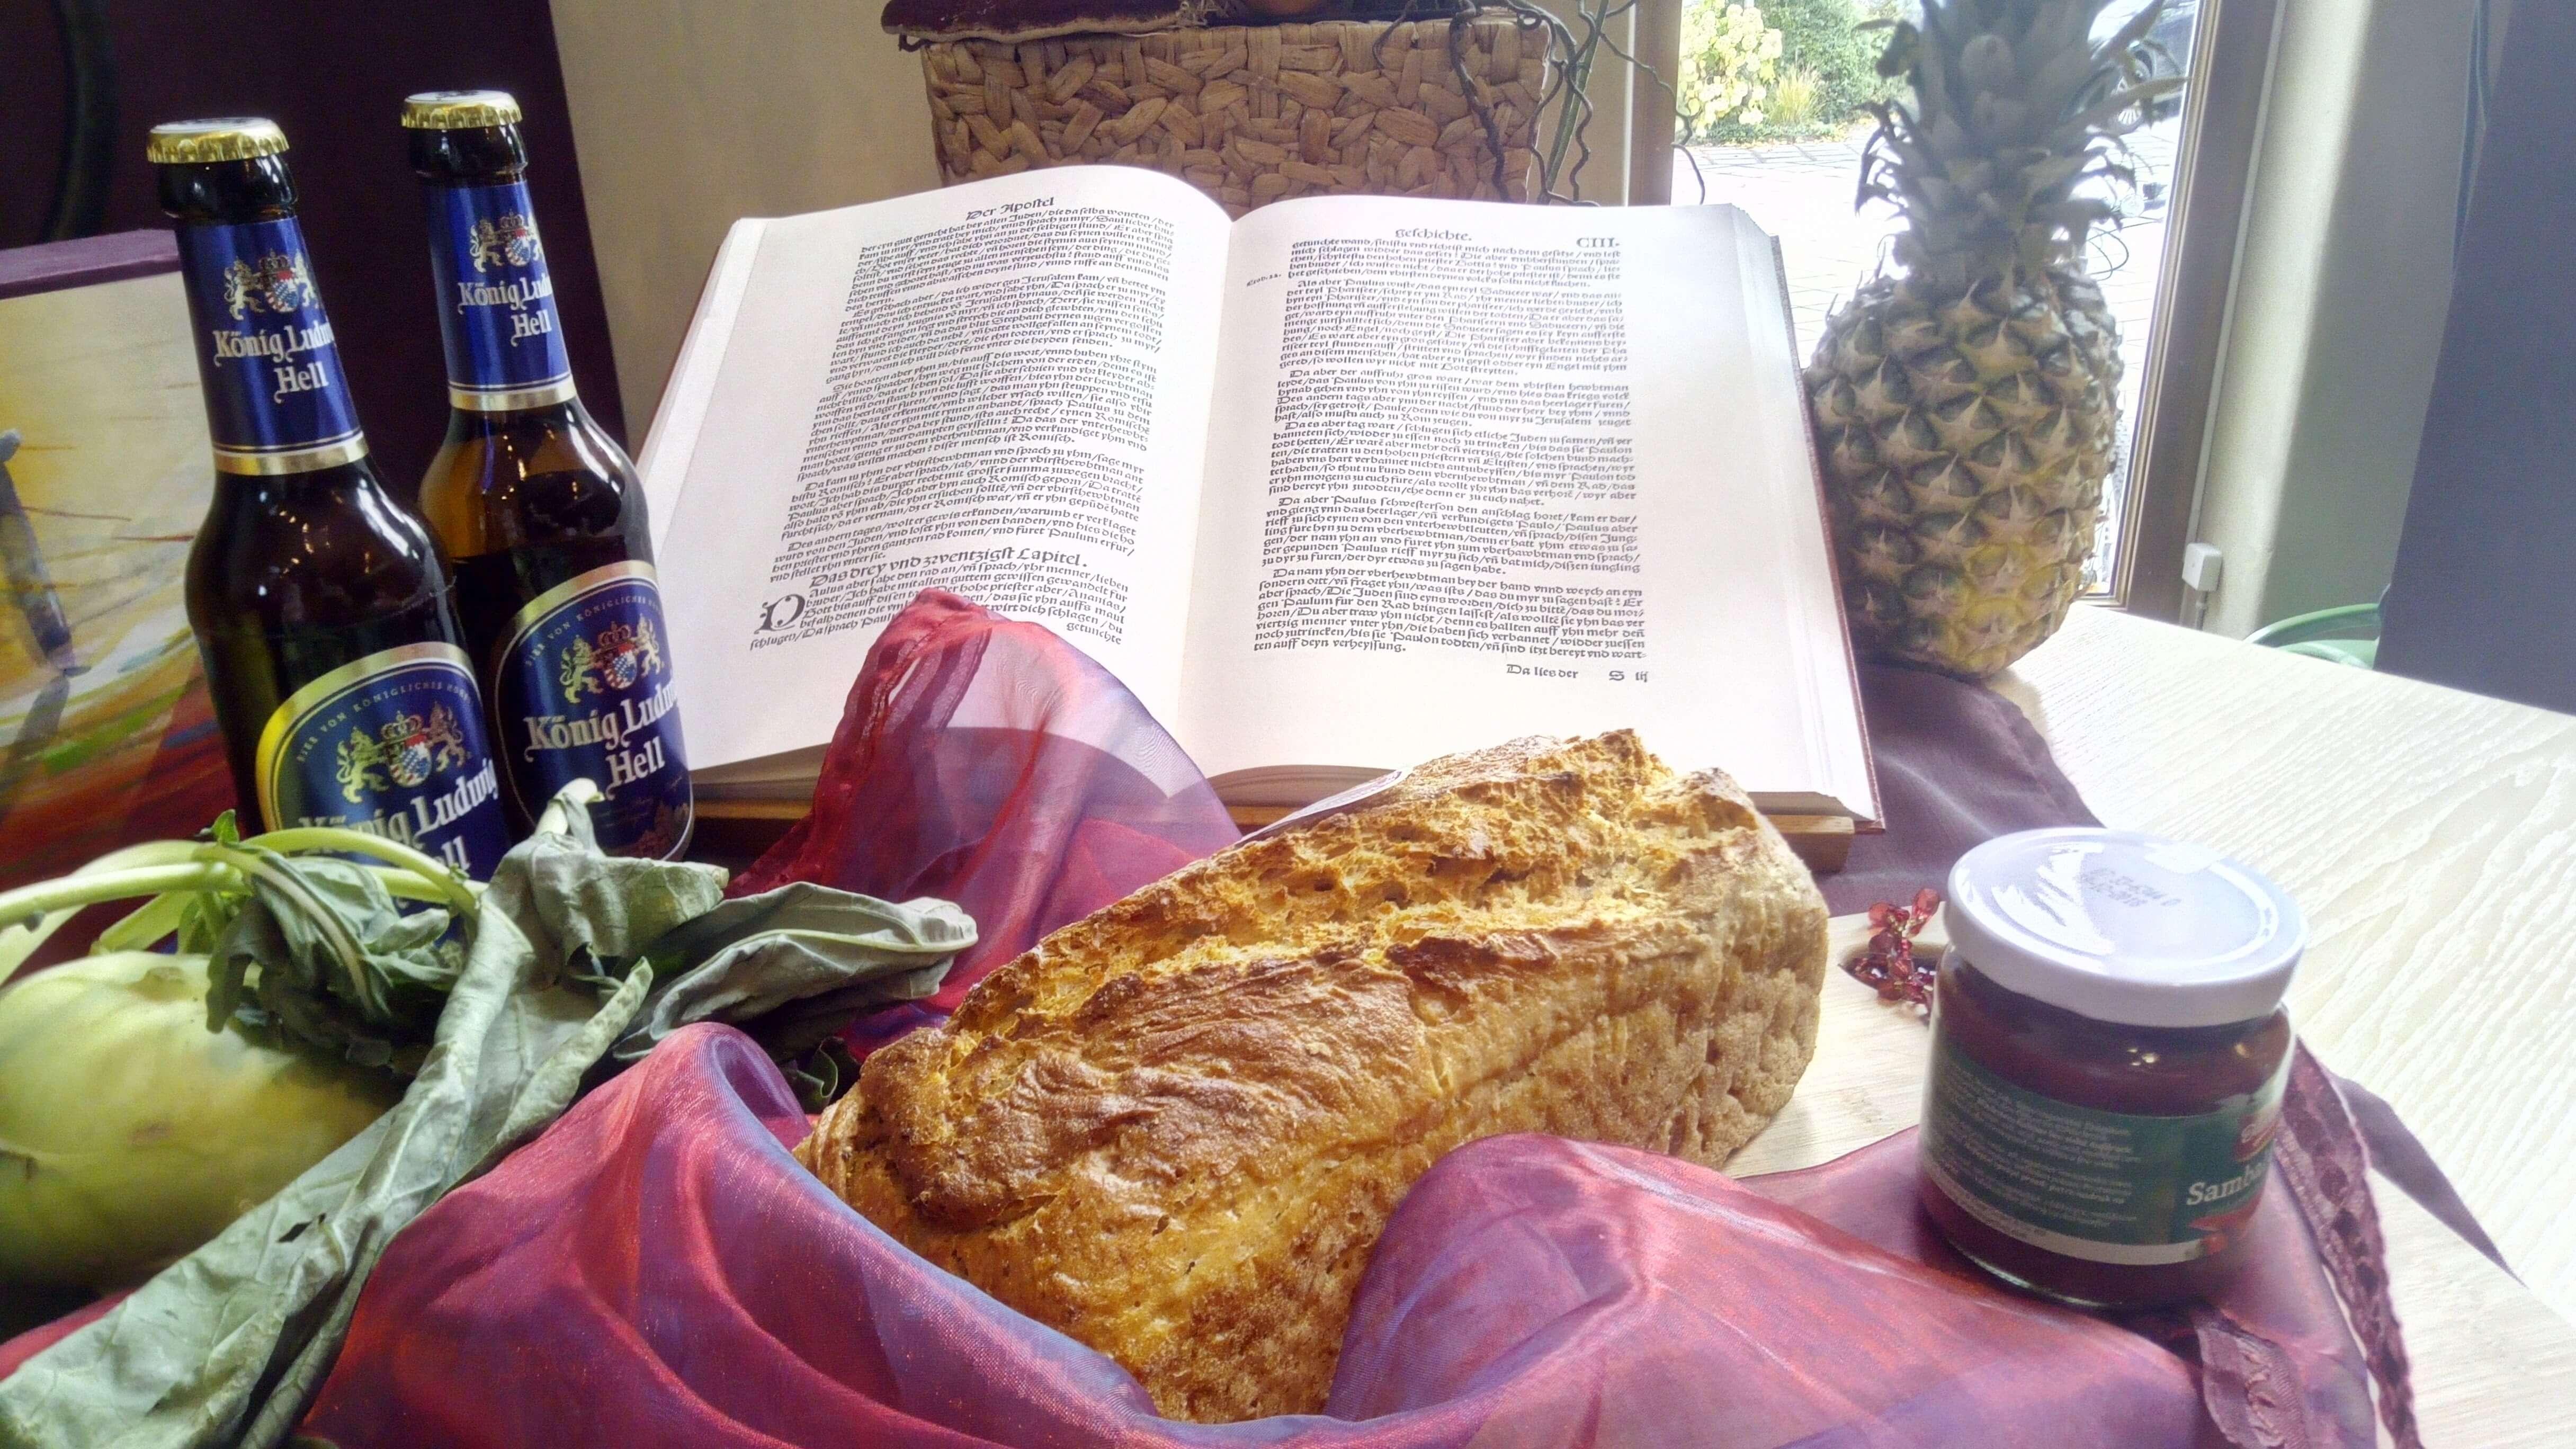 Dankbar sein. Bild vom Erntedankaltar der FeG FFB 2017. Bibel hinter Speisen